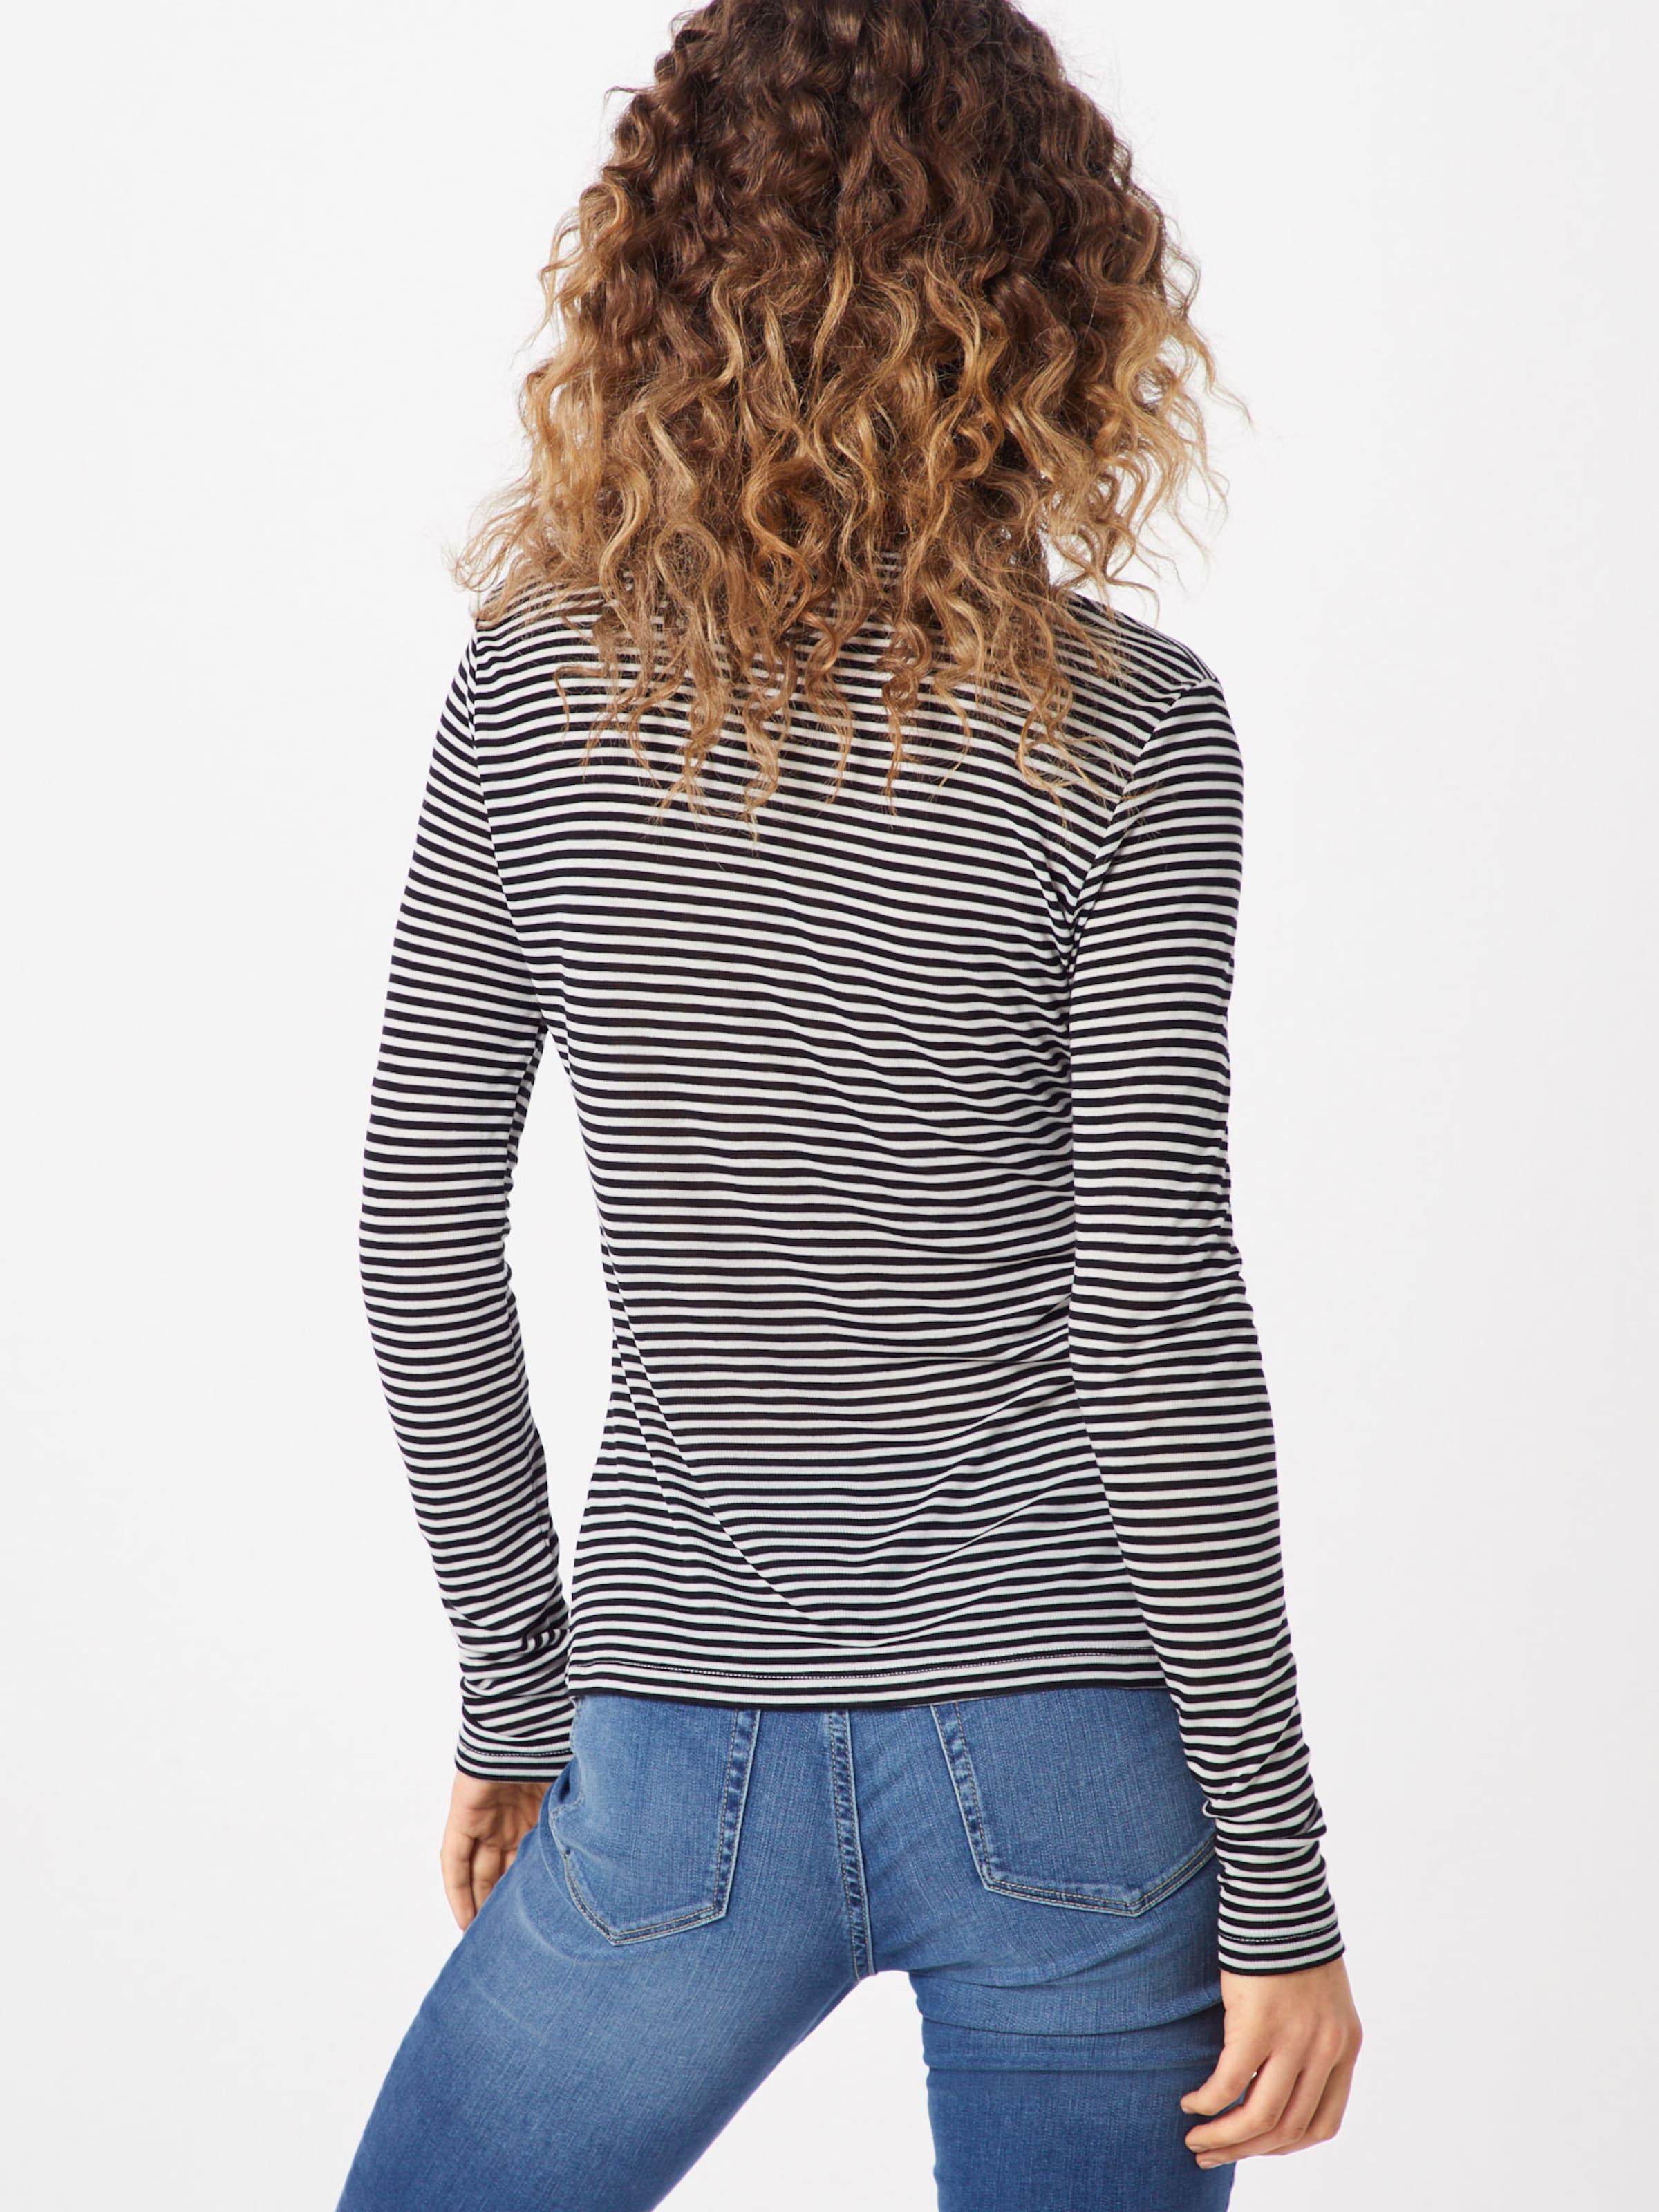 T shirt Mbym CrèmeNoir 'lilita' En Y6vbfg7y